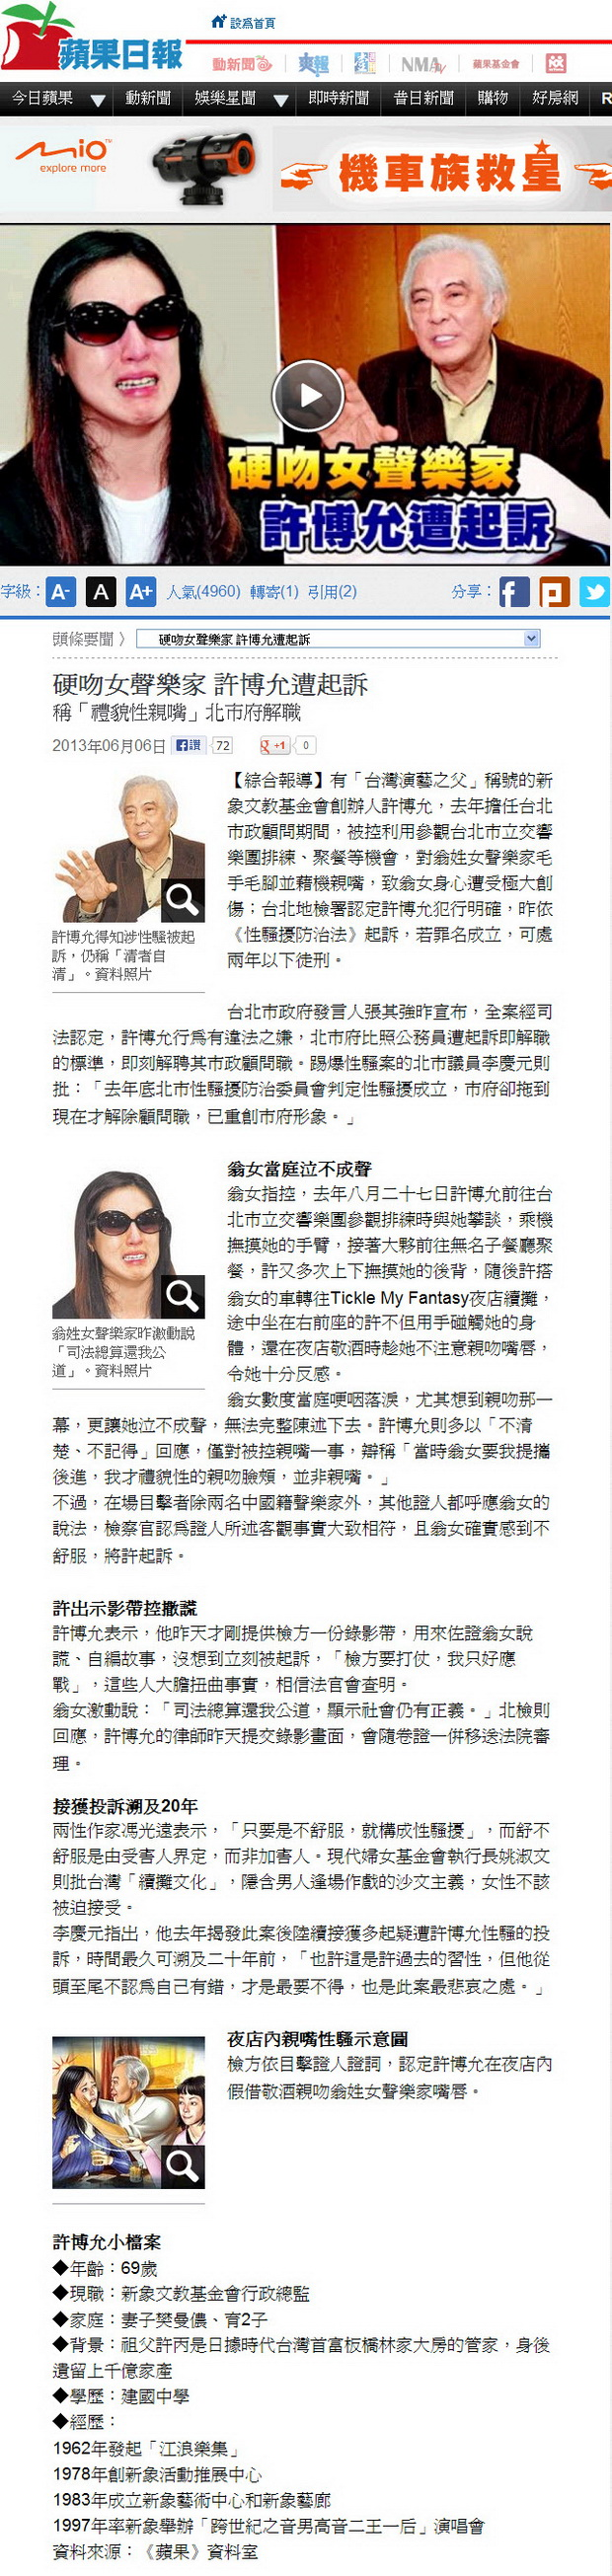 硬吻女聲樂家 許博允遭起訴-2013.06.06-01